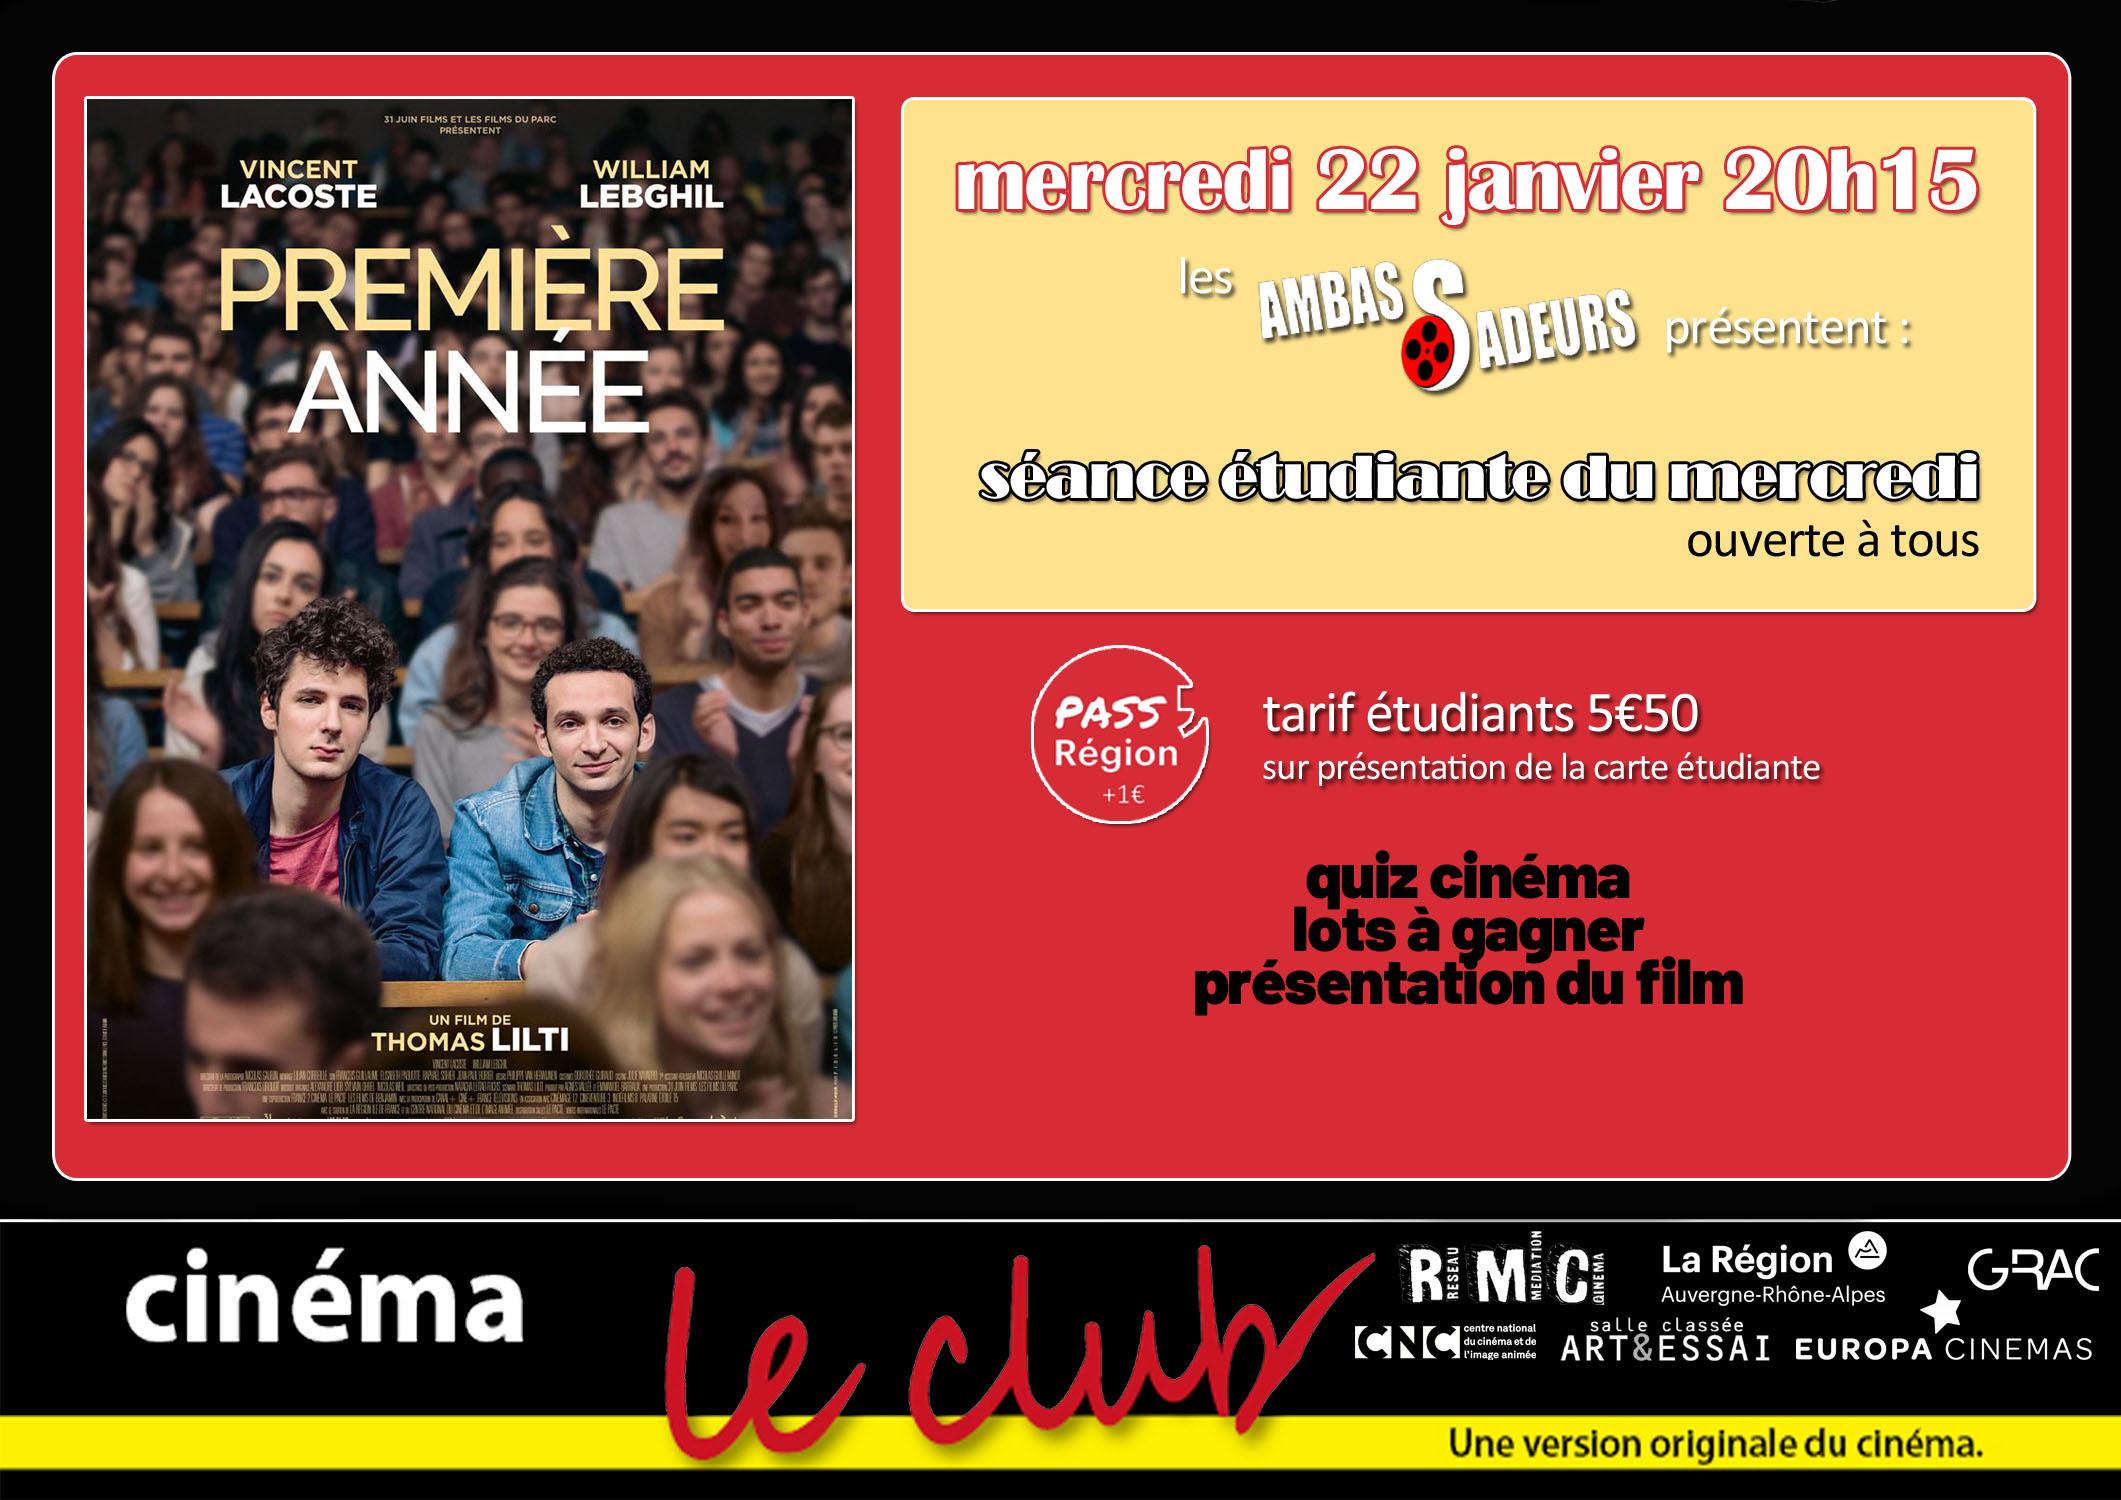 Anais Fabre Nue art et essai > cinéma - le club